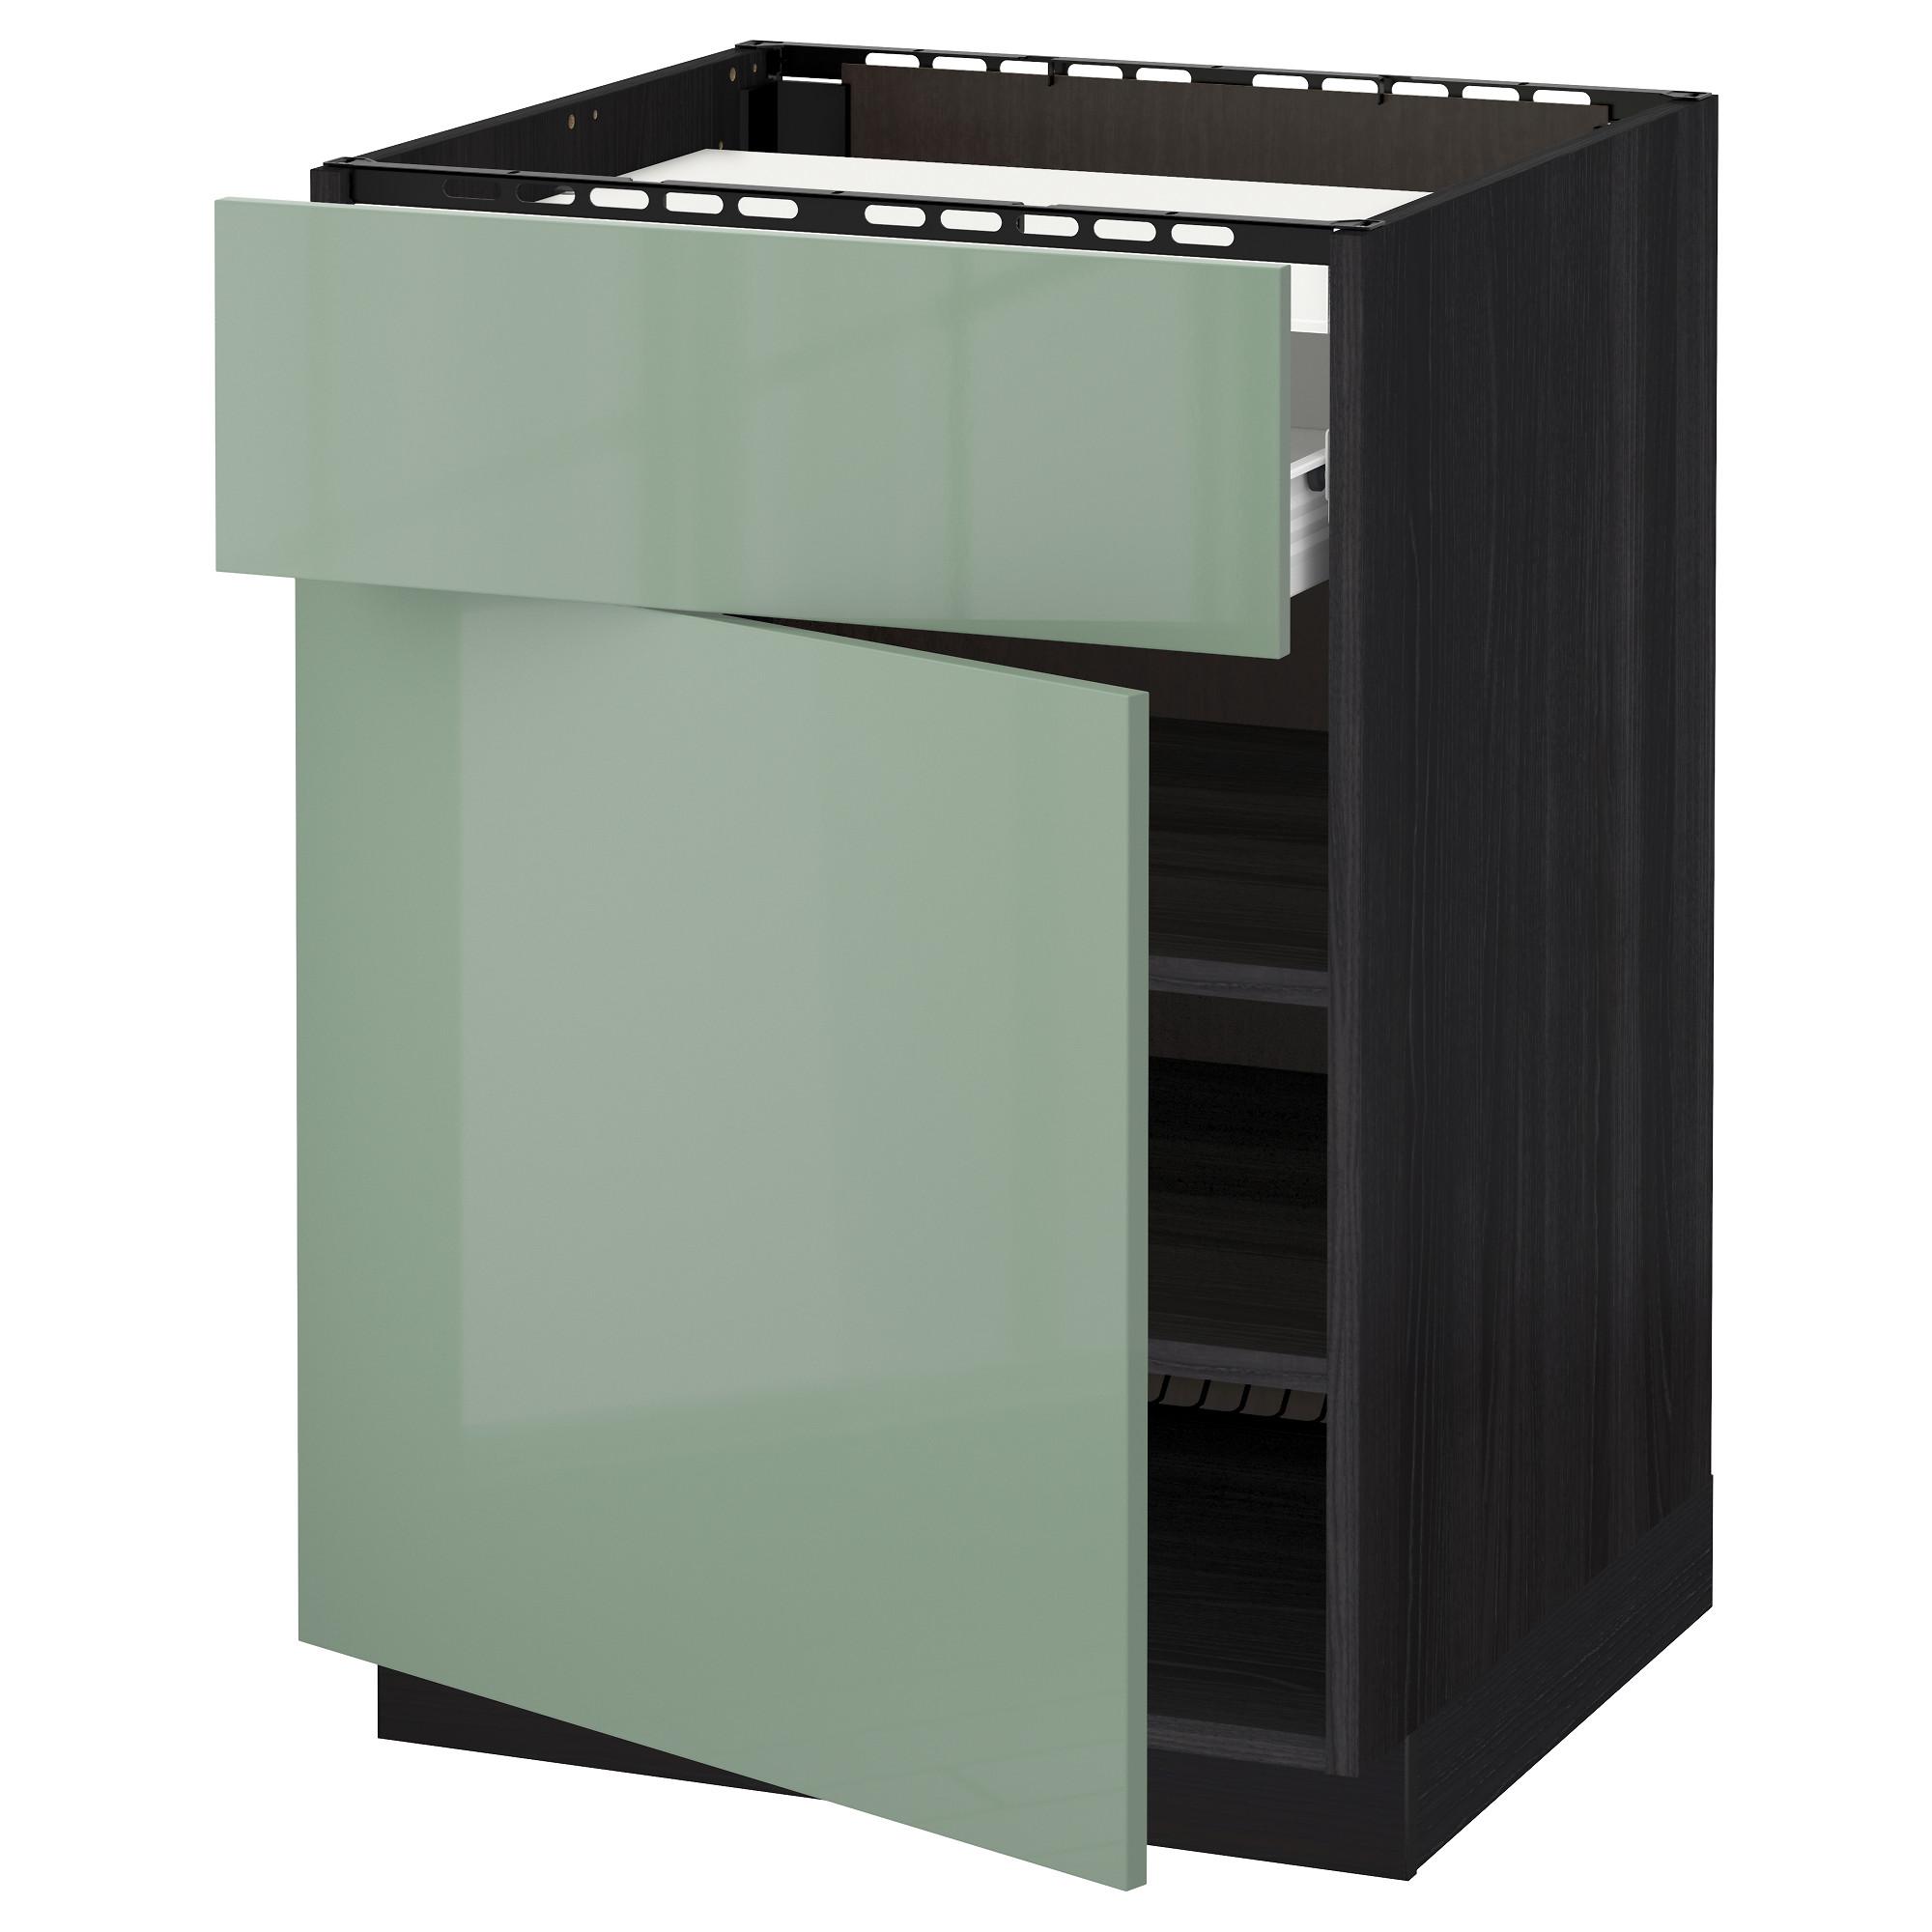 Напольный шкаф для варочной панели, ящик, полка, дверцы МЕТОД / ФОРВАРА черный артикуль № 592.654.56 в наличии. Онлайн магазин IKEA РБ. Быстрая доставка и соборка.